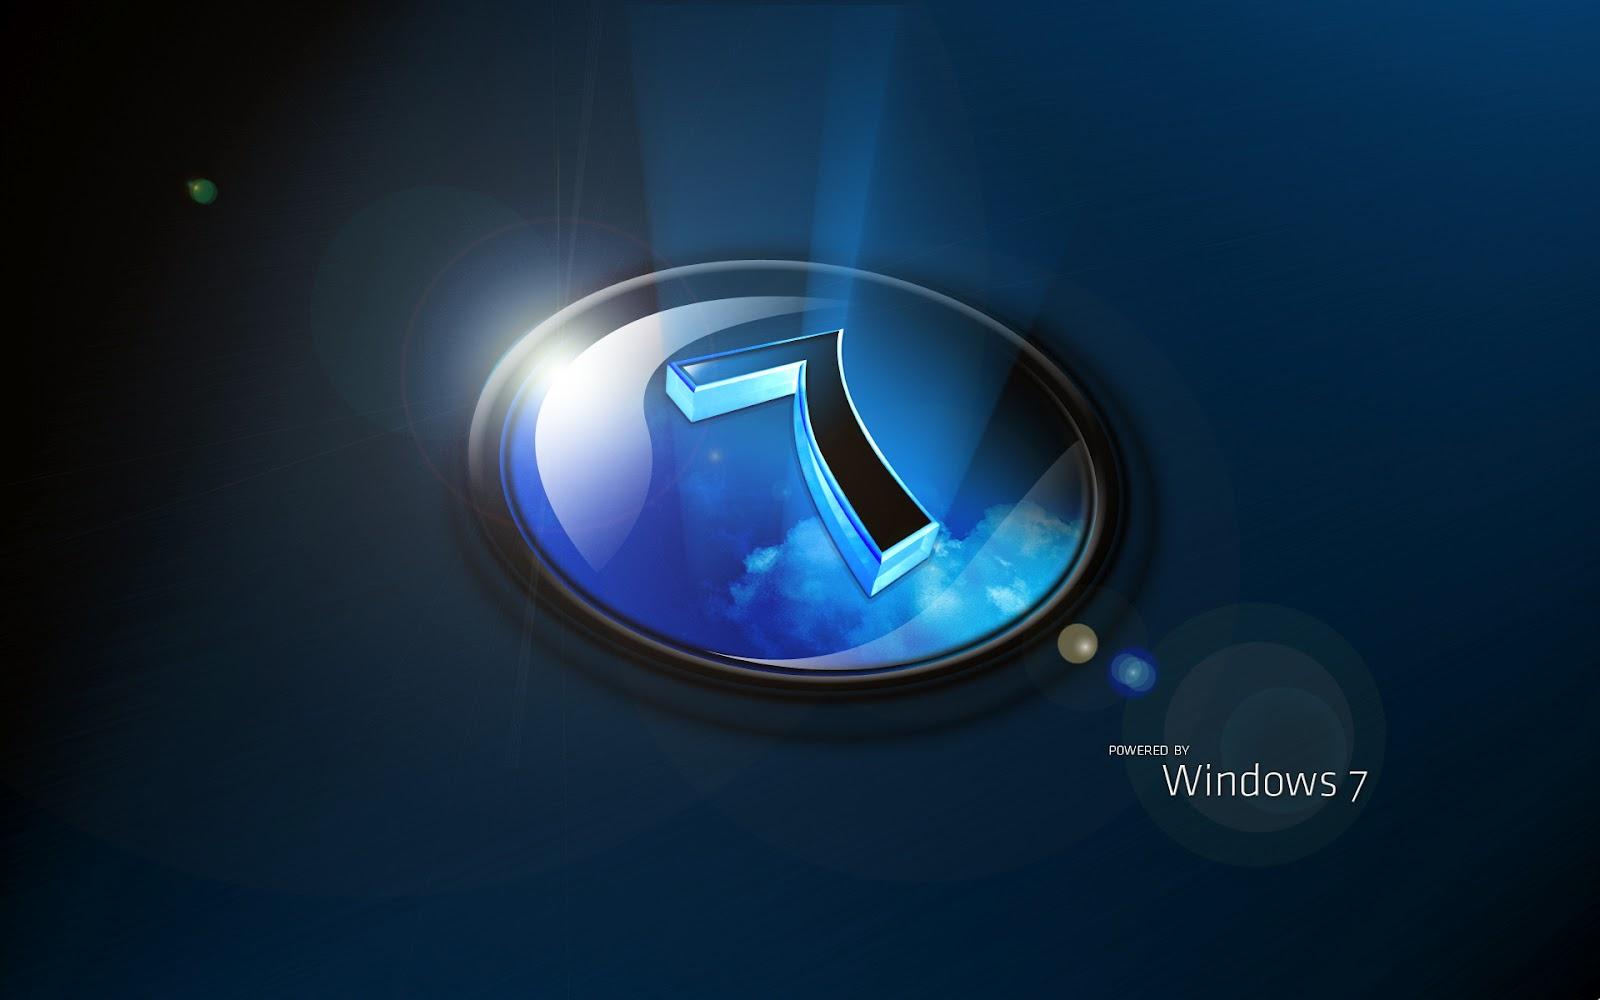 http://1.bp.blogspot.com/-LDKowCvqWcQ/T3BILOy0mOI/AAAAAAAAAQ4/1rZc6-mSn0I/s1600/windows+7+wallpaper+hd.jpg